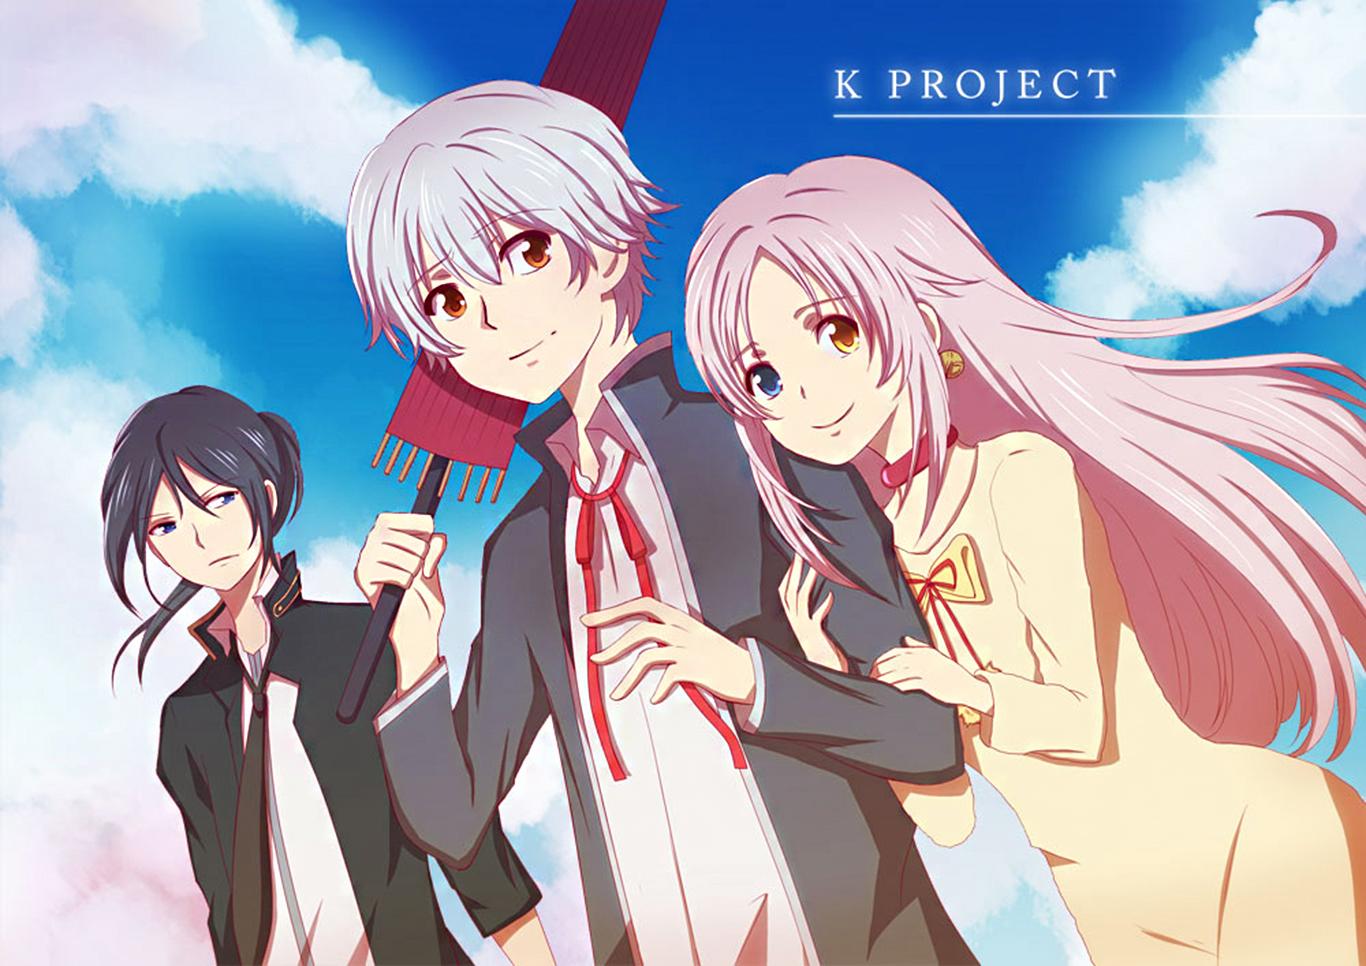 Isana Yashiro Yatogami Kuroh Neko K Project K Project Anime Series Manga Fan Art Digital Art Artwork 1366x966